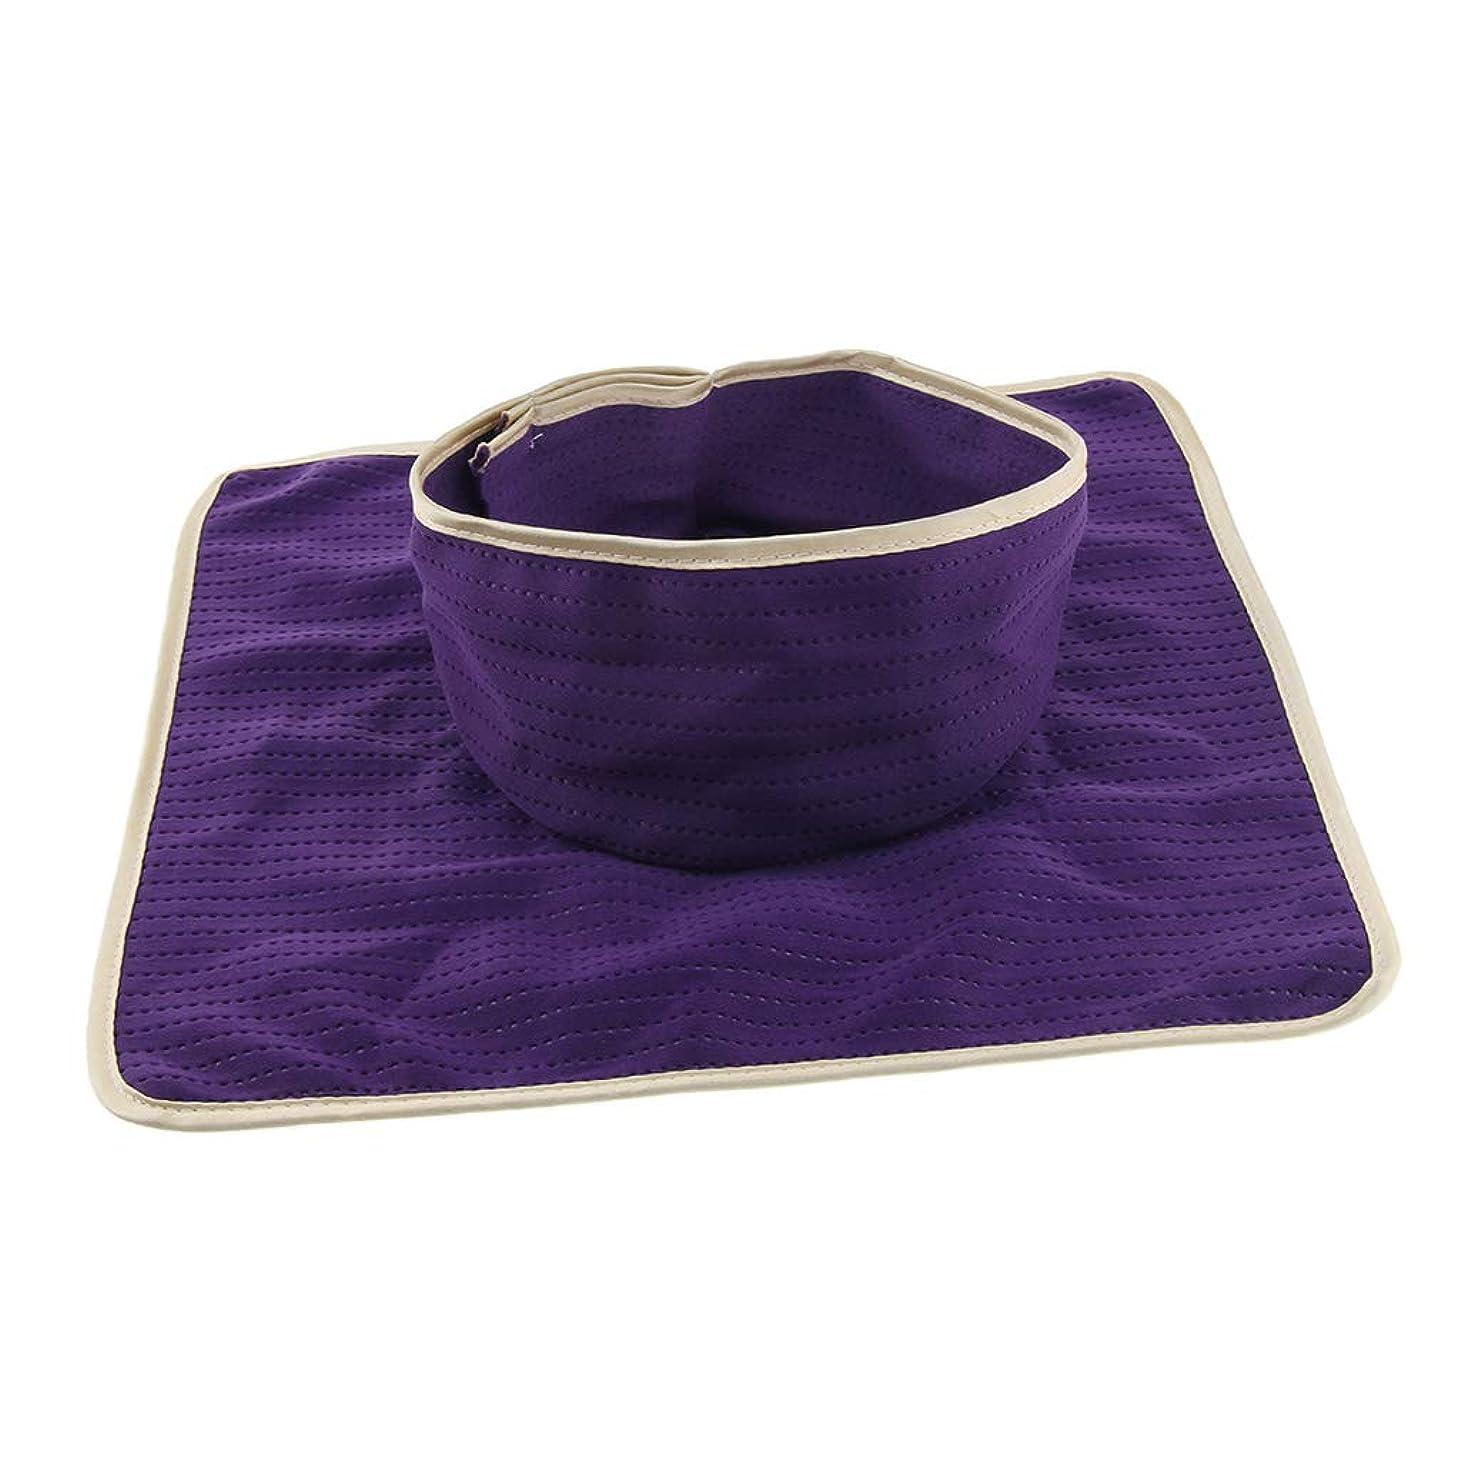 夕暮れ六月劣るPerfeclan マッサージ ベッドカバー シート パッド 洗濯可能 再利用可能 約35×35cm 全3色 - 紫